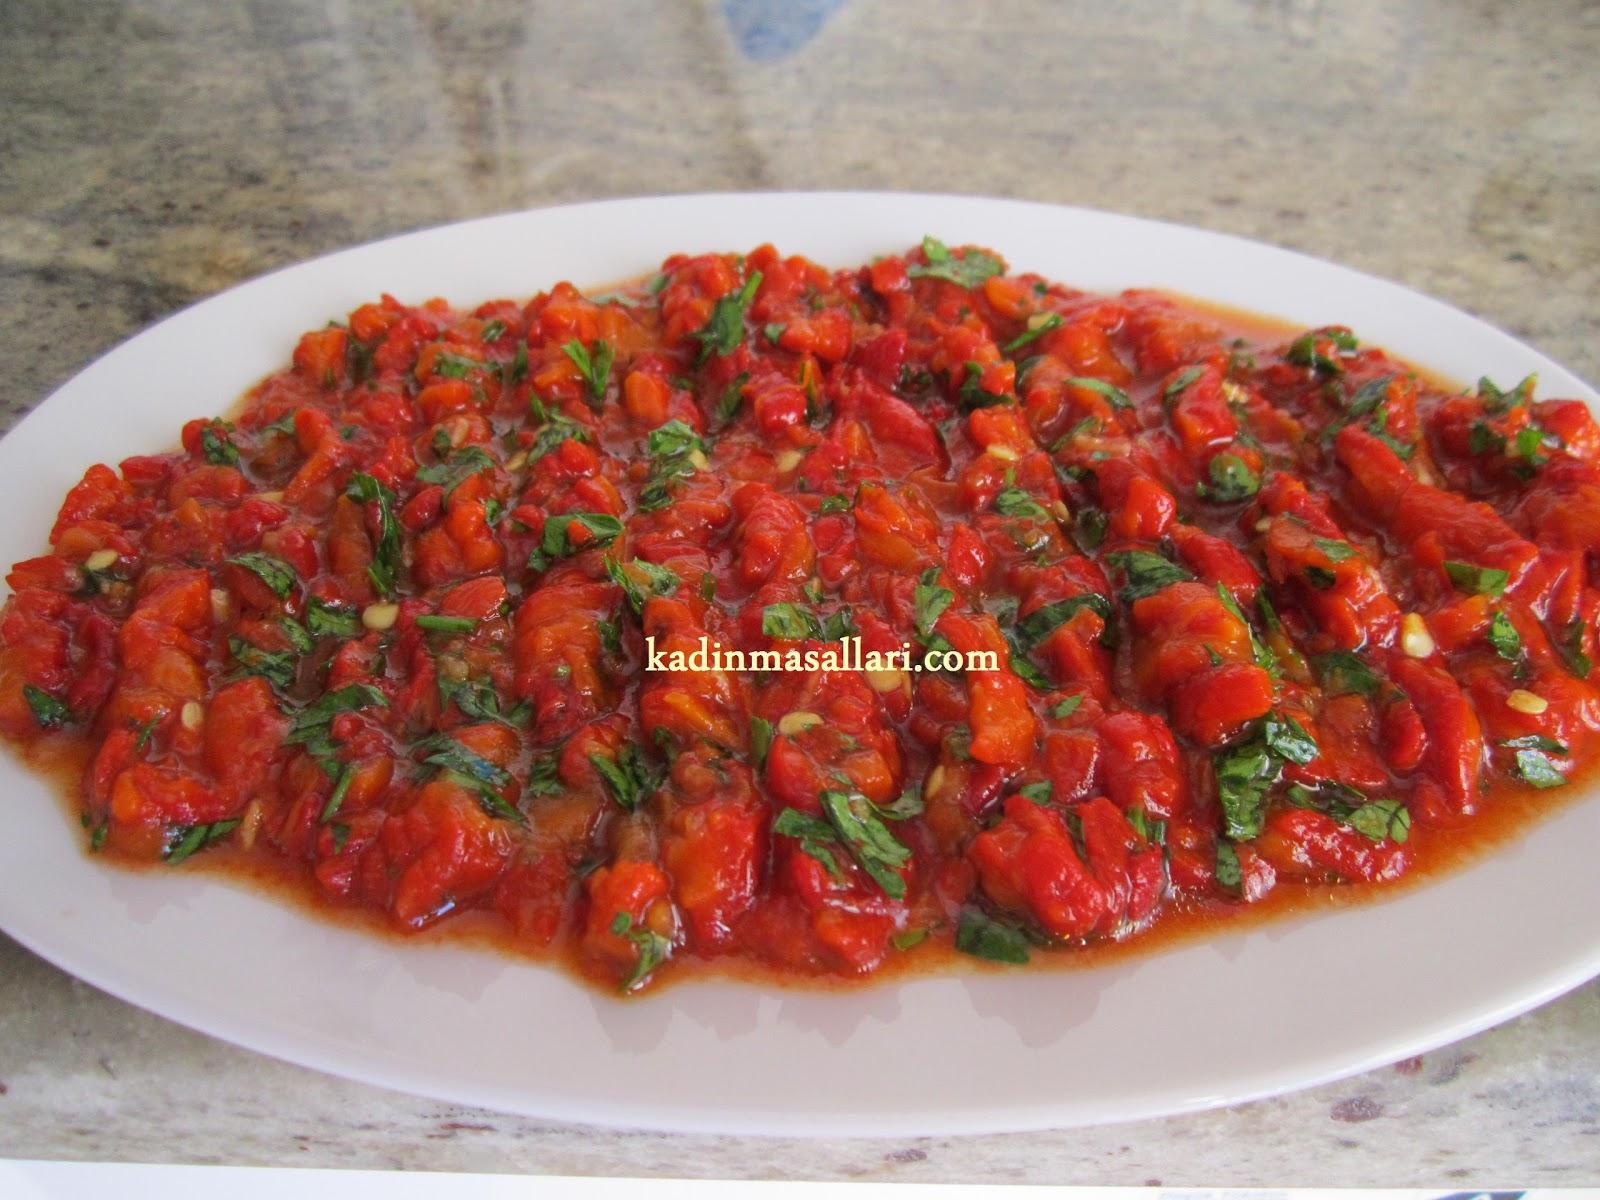 Közlenmiş Patlıcan Ve Kırmızı Biber